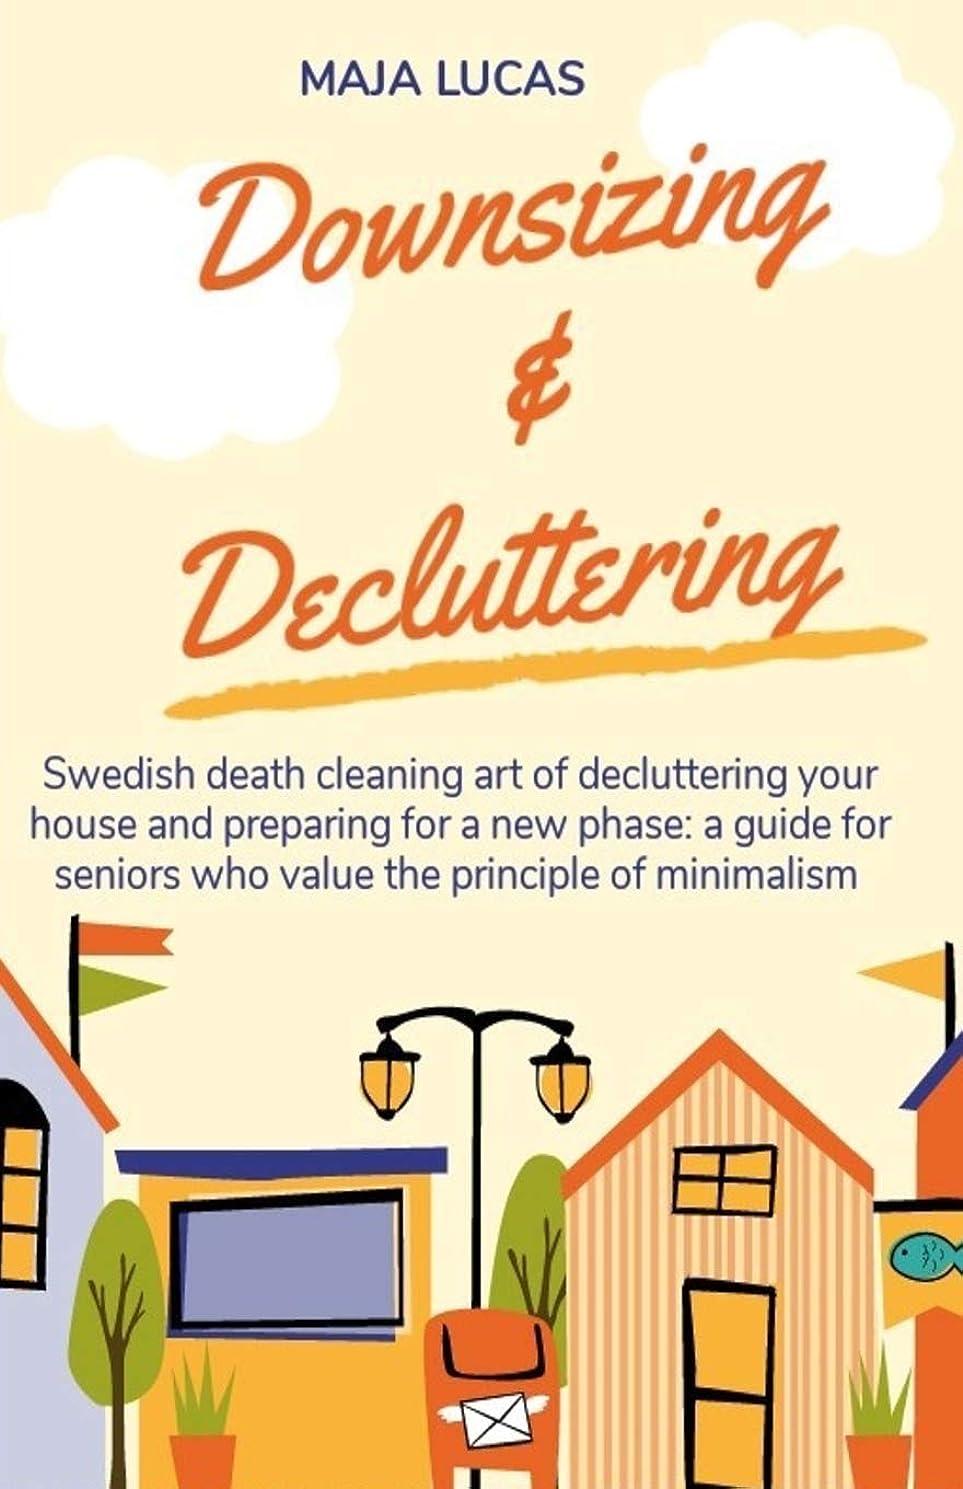 状態有効化エレベーターDownsizing & Decluttering: Swedish death cleaning art of decluttering your house and preparing for a new phase: a guide for seniors who value the principle of minimalism